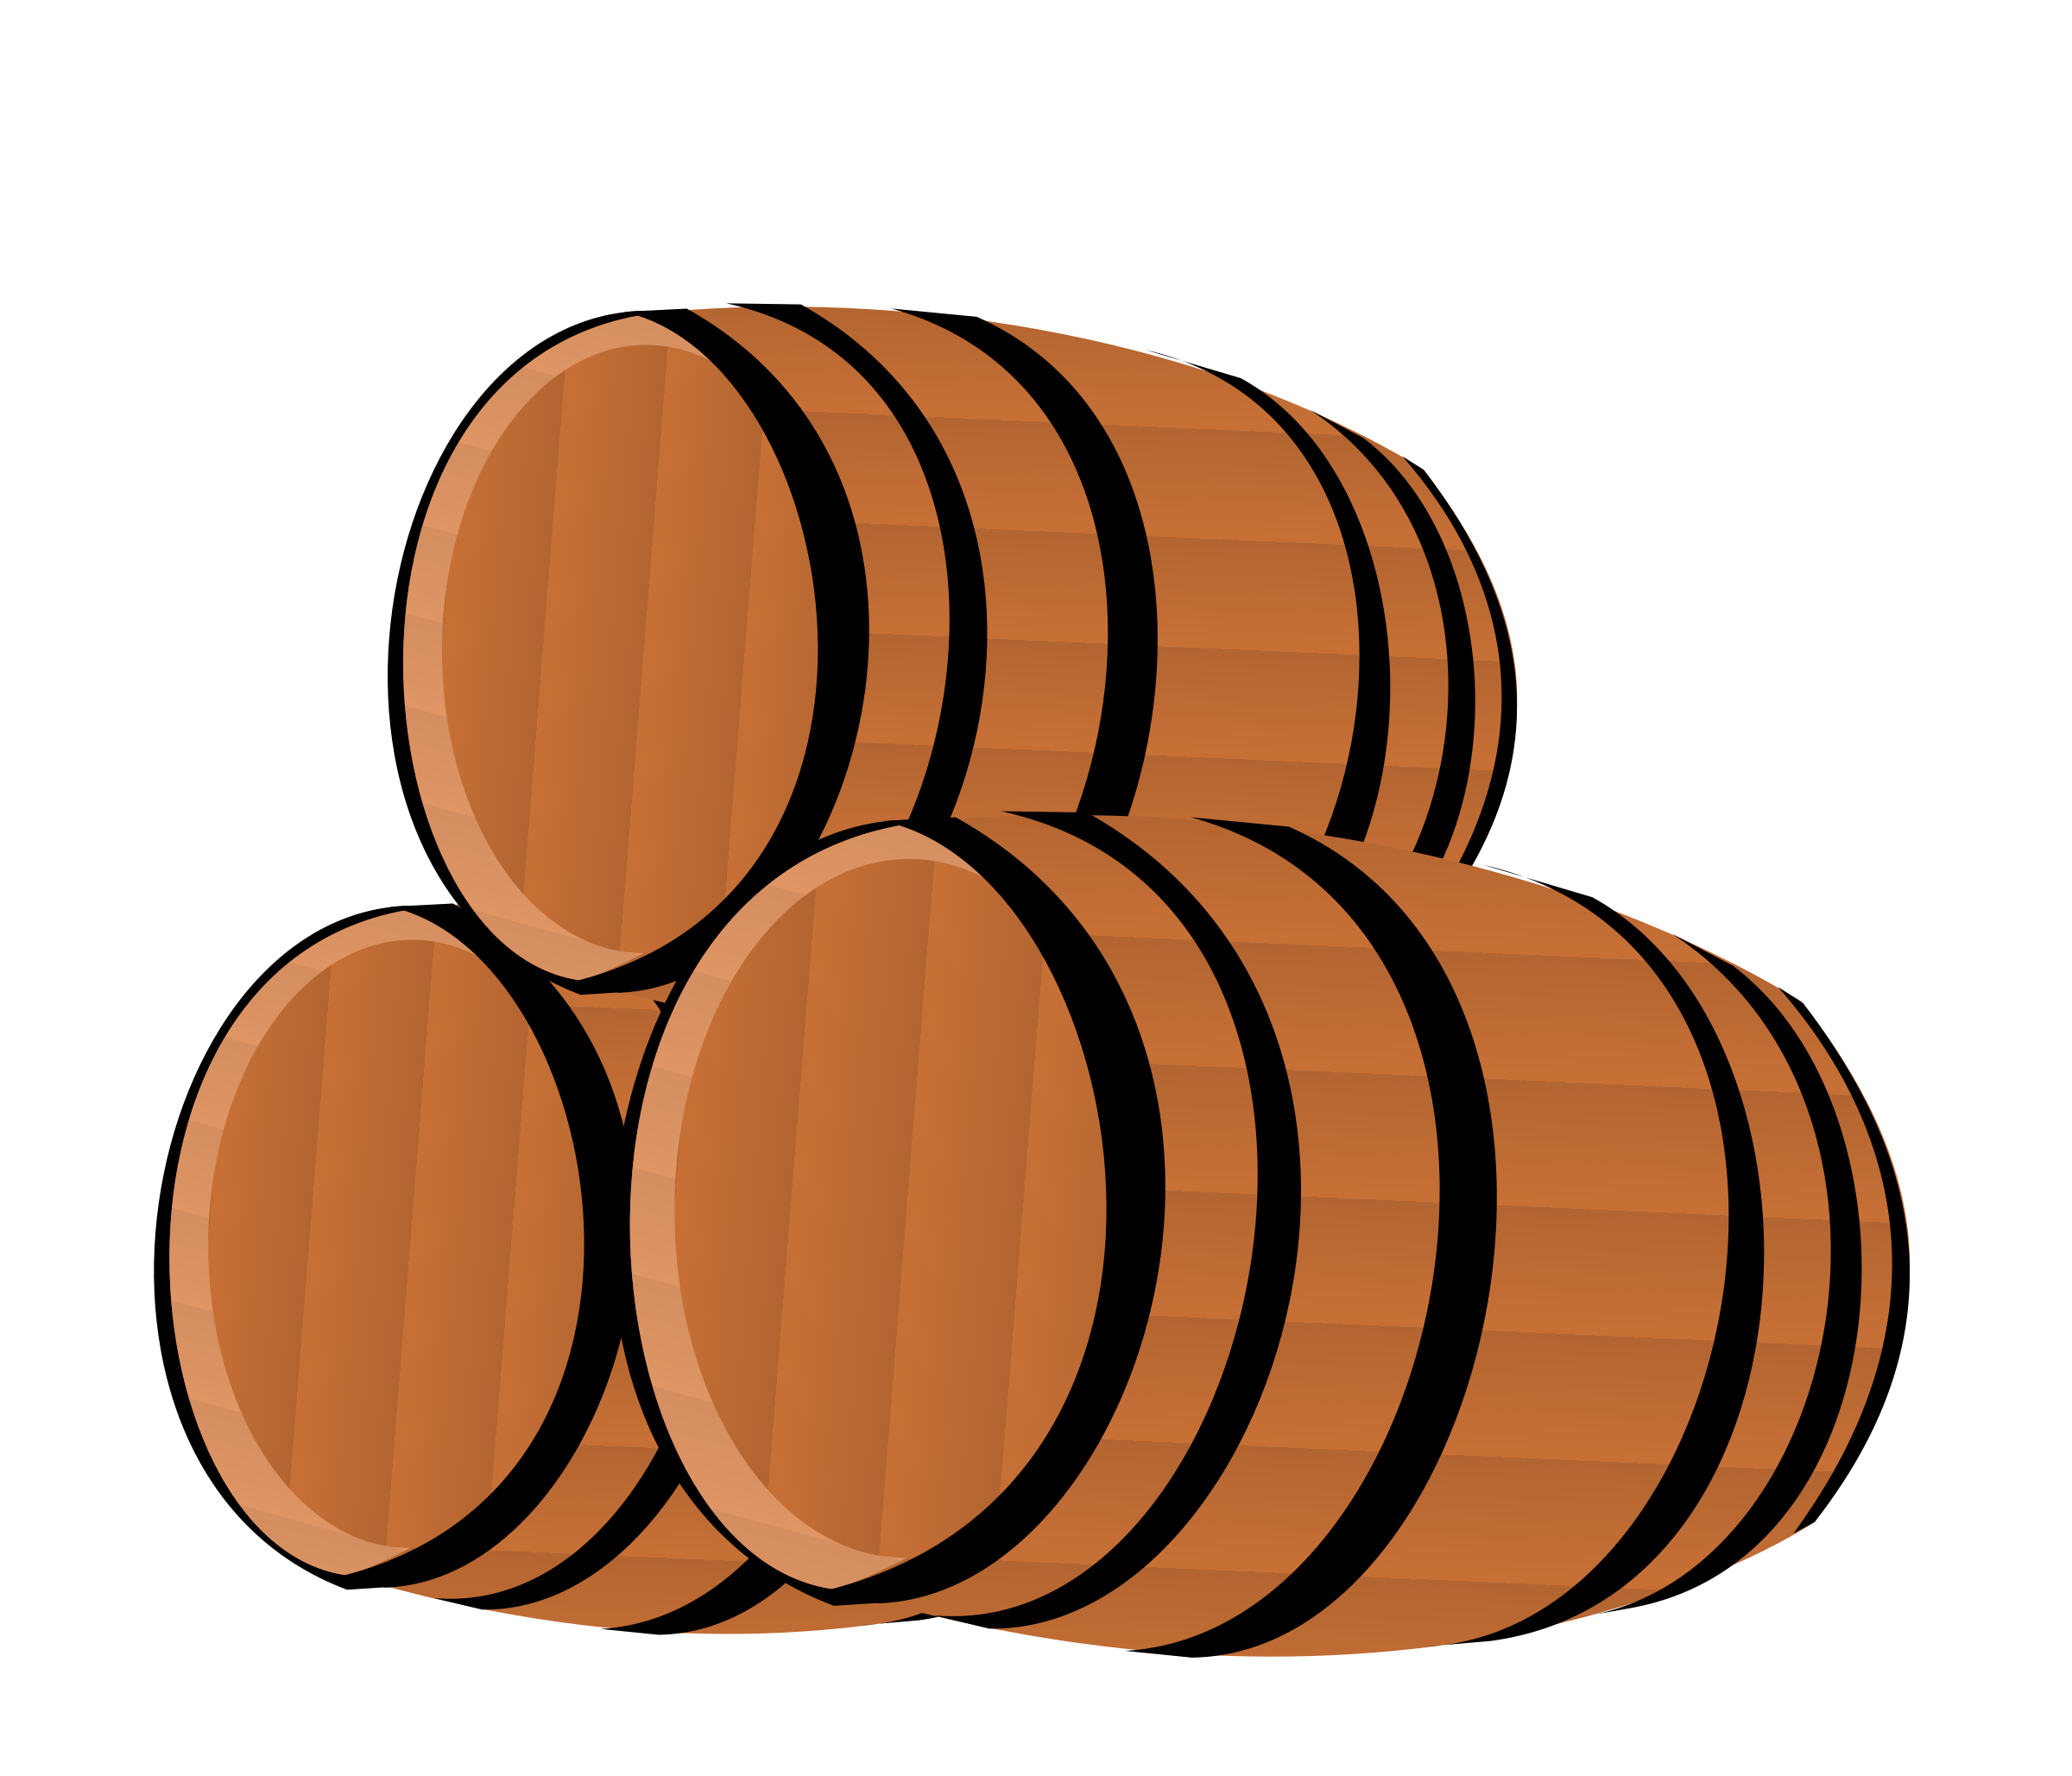 Barrel clipart wooden barrel. Clip art n free